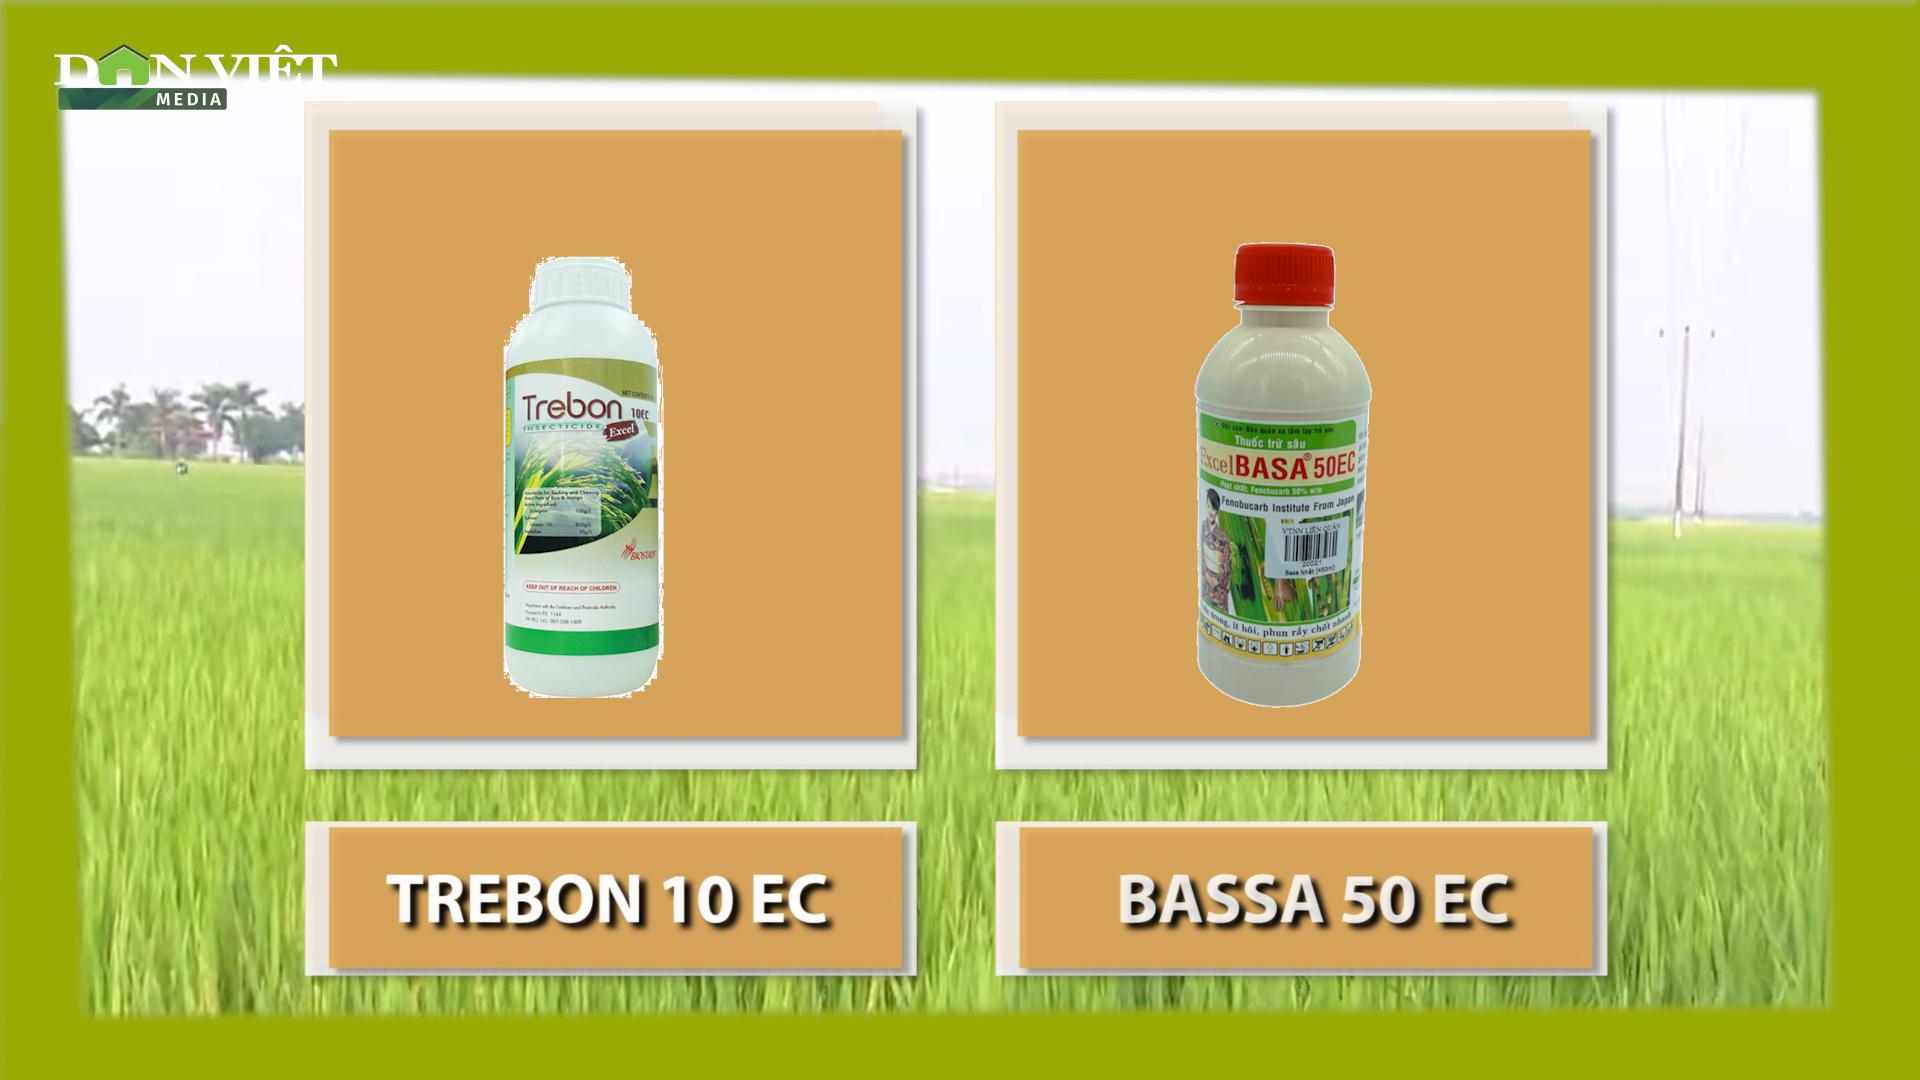 Hé lộ phương pháp tiêu diệt bọ xít hôi hại lúa hiệu quả  - Ảnh 3.